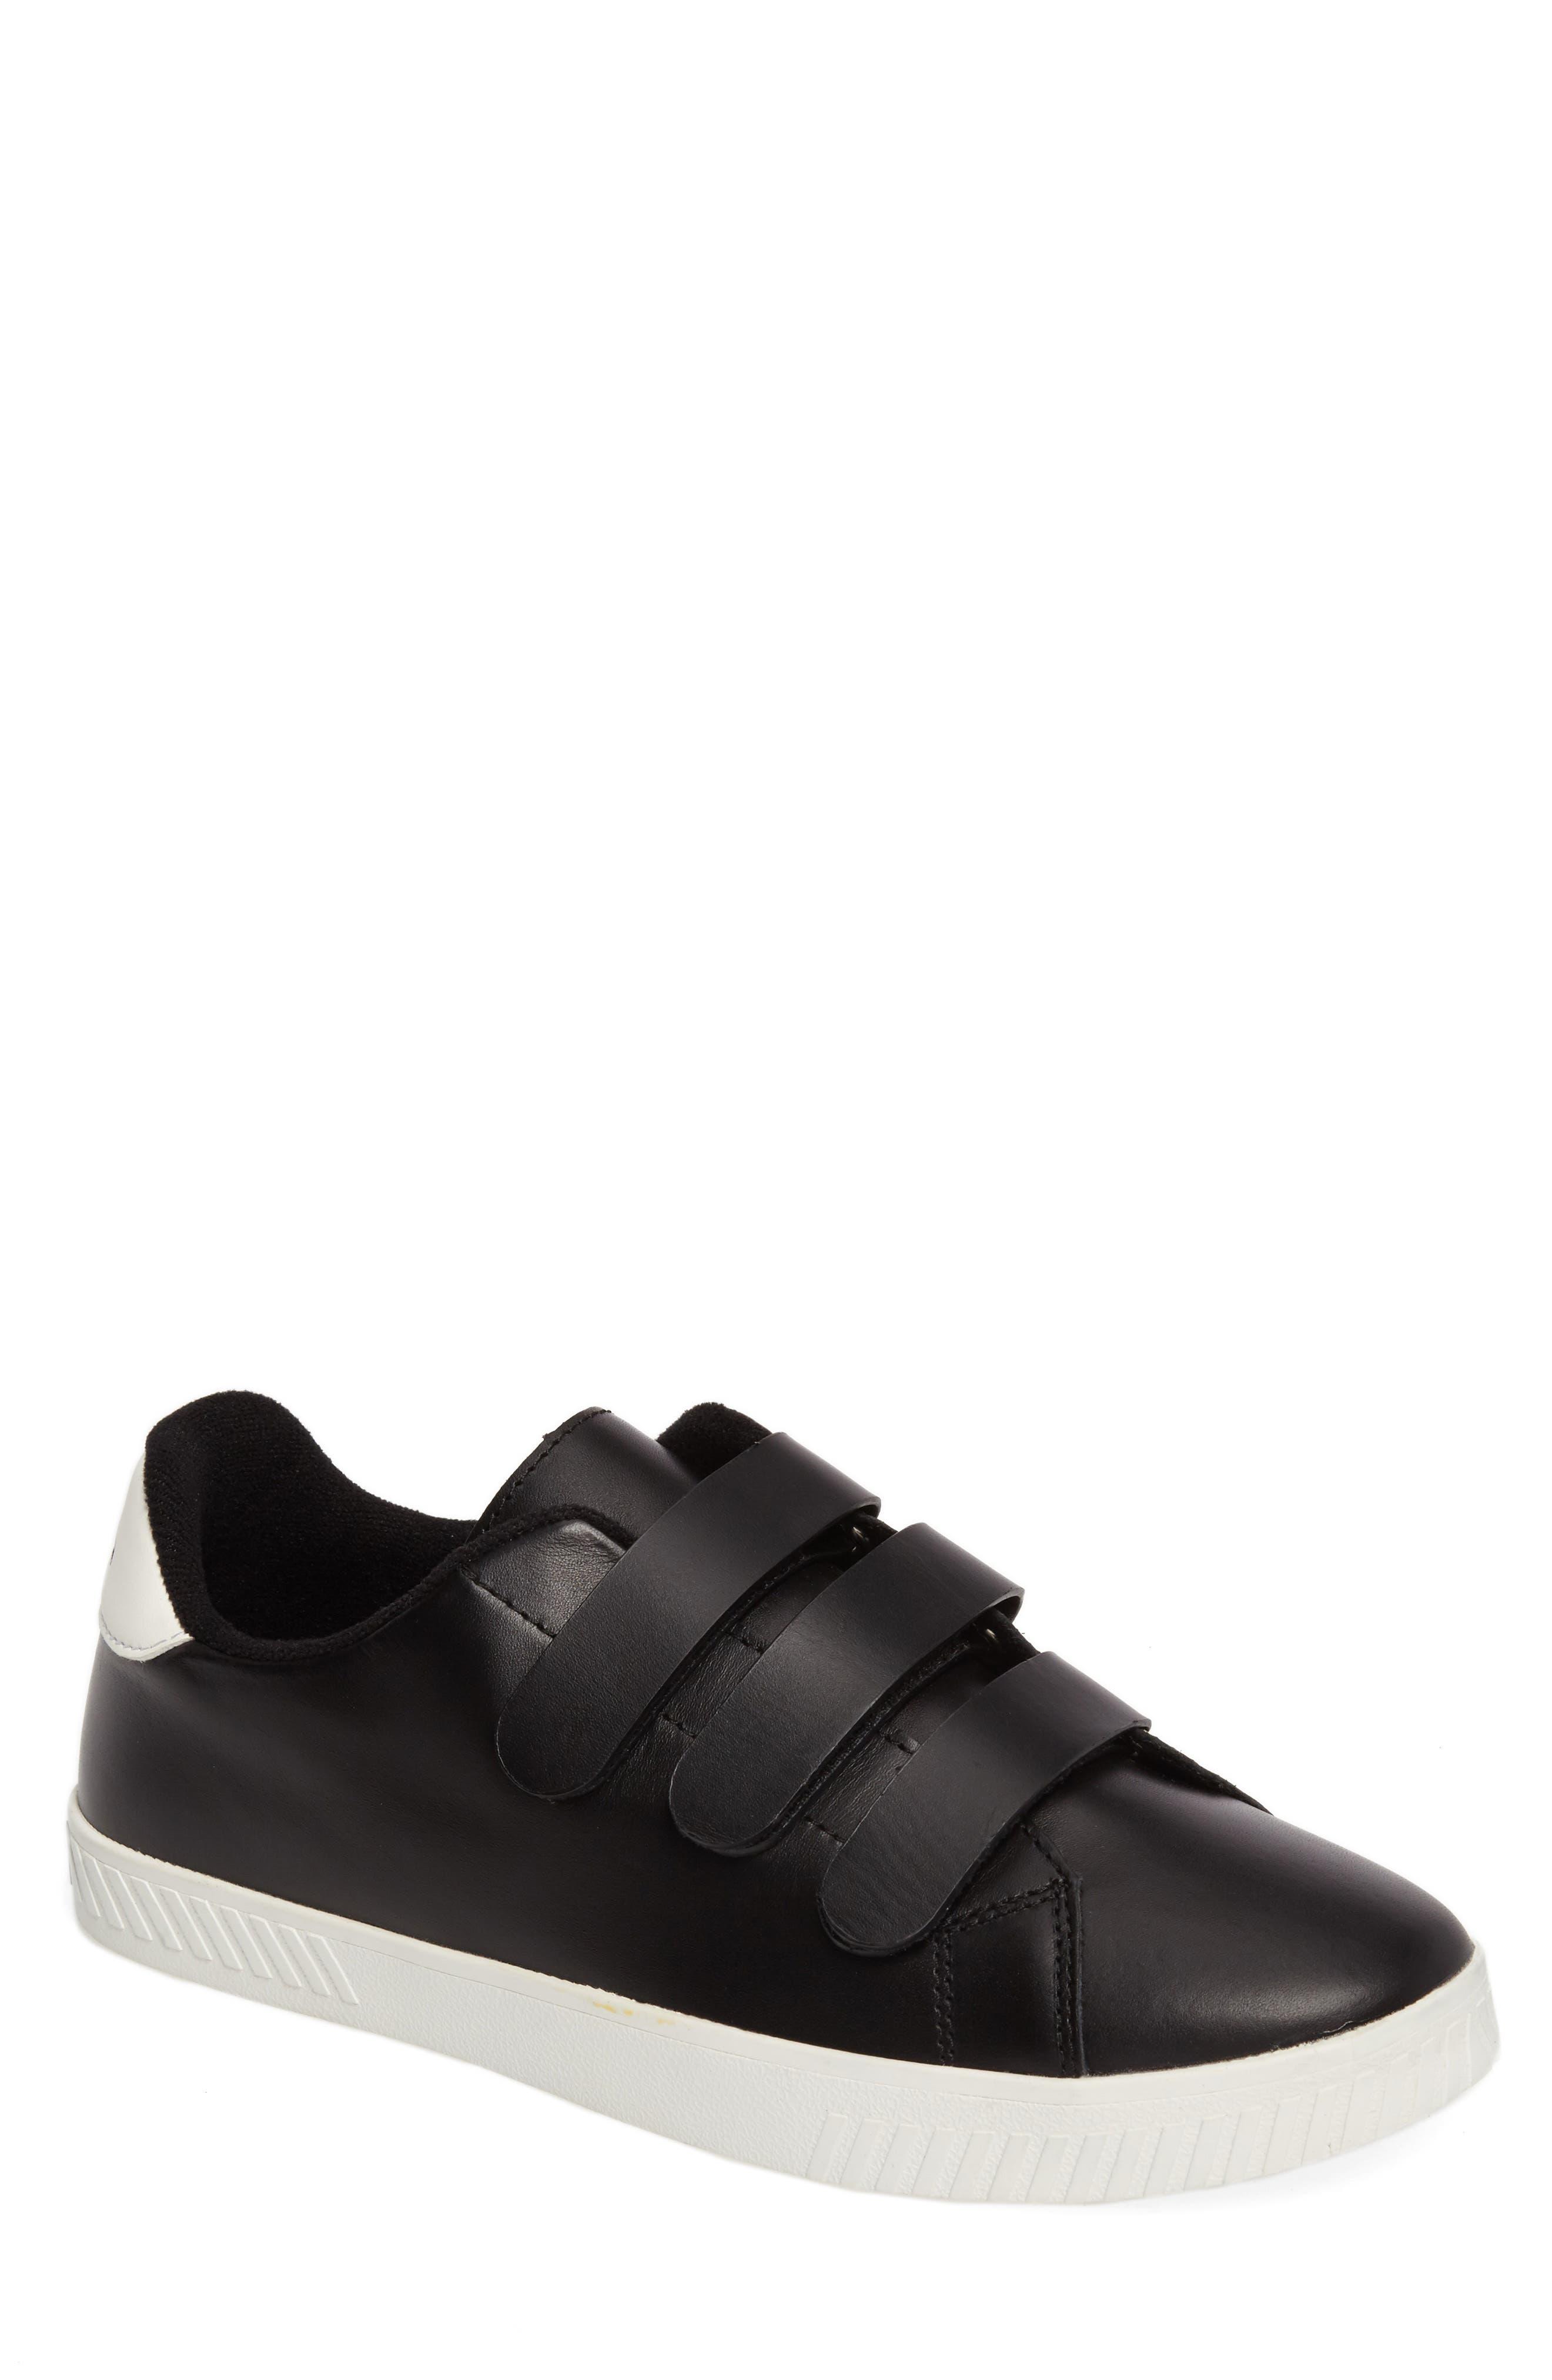 Tretorn Carry 2 Sneaker (Men)